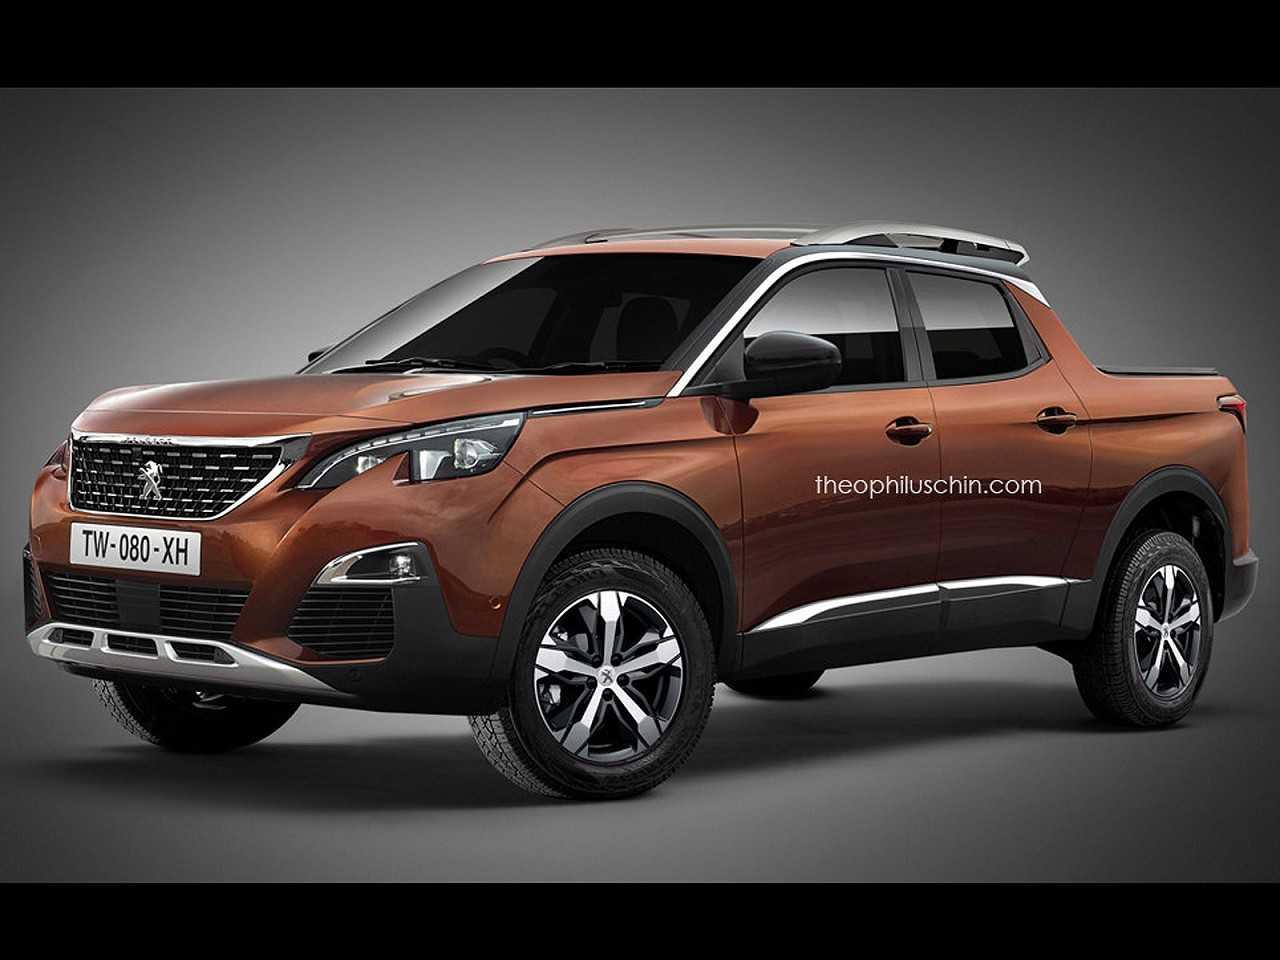 Projeção antecipa detalhes da futura picape média da PSA, no caso baseada na marca Peugeot